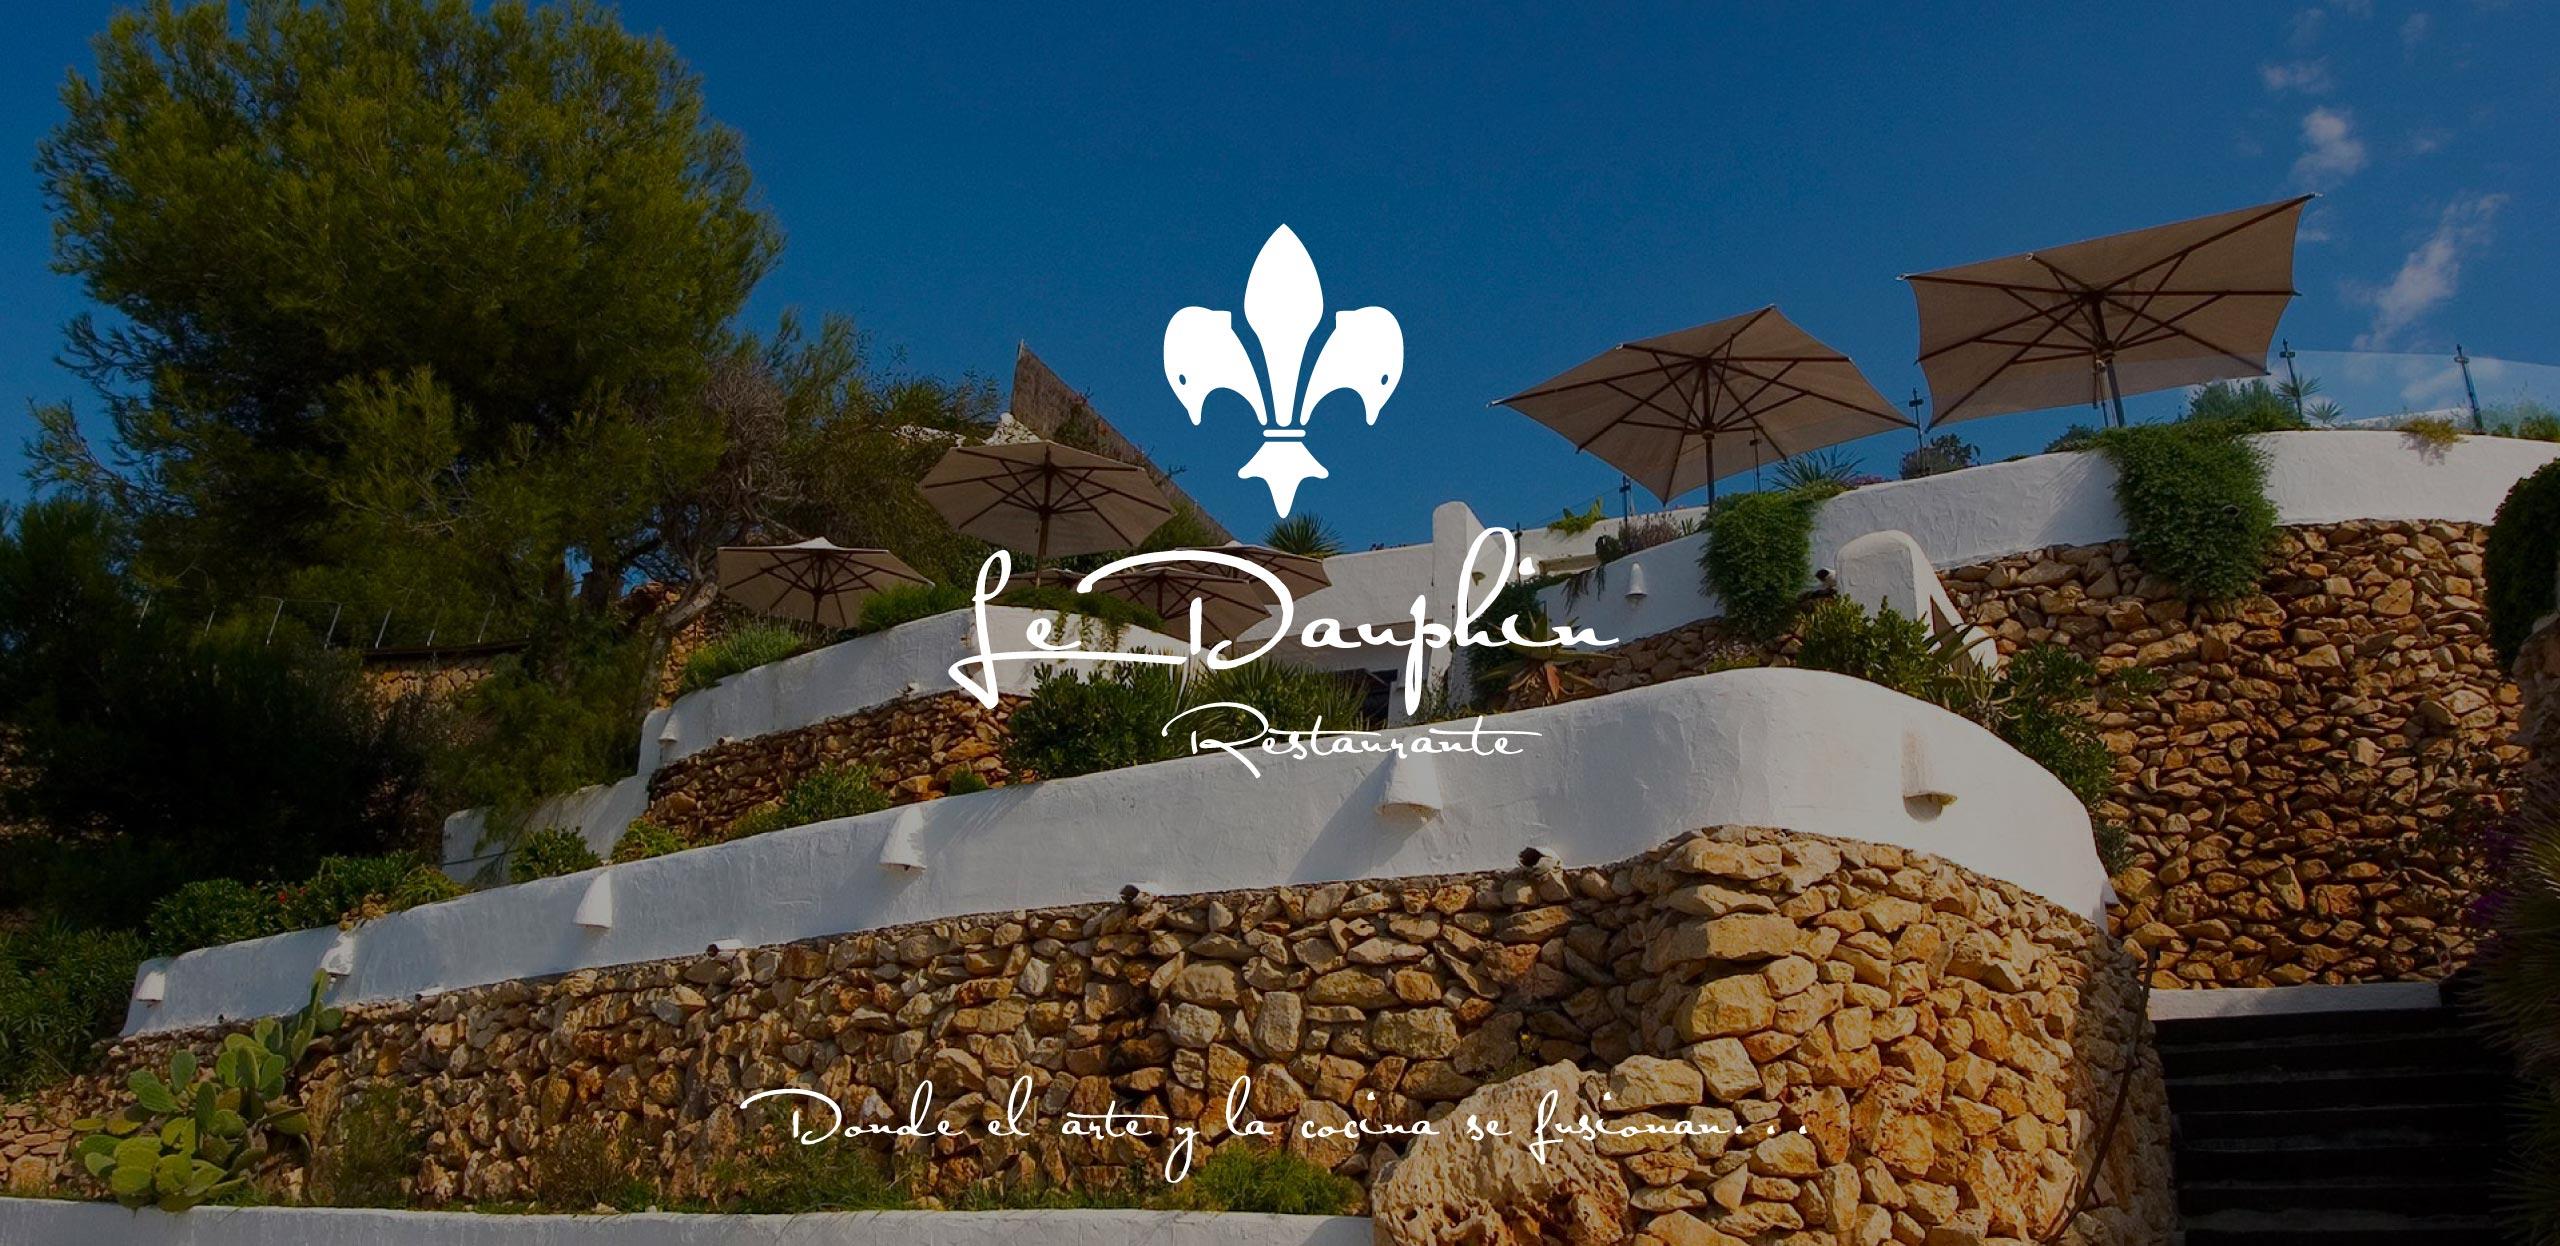 estudio de diseño grafico y web en murcia, restaurante Le dauphin